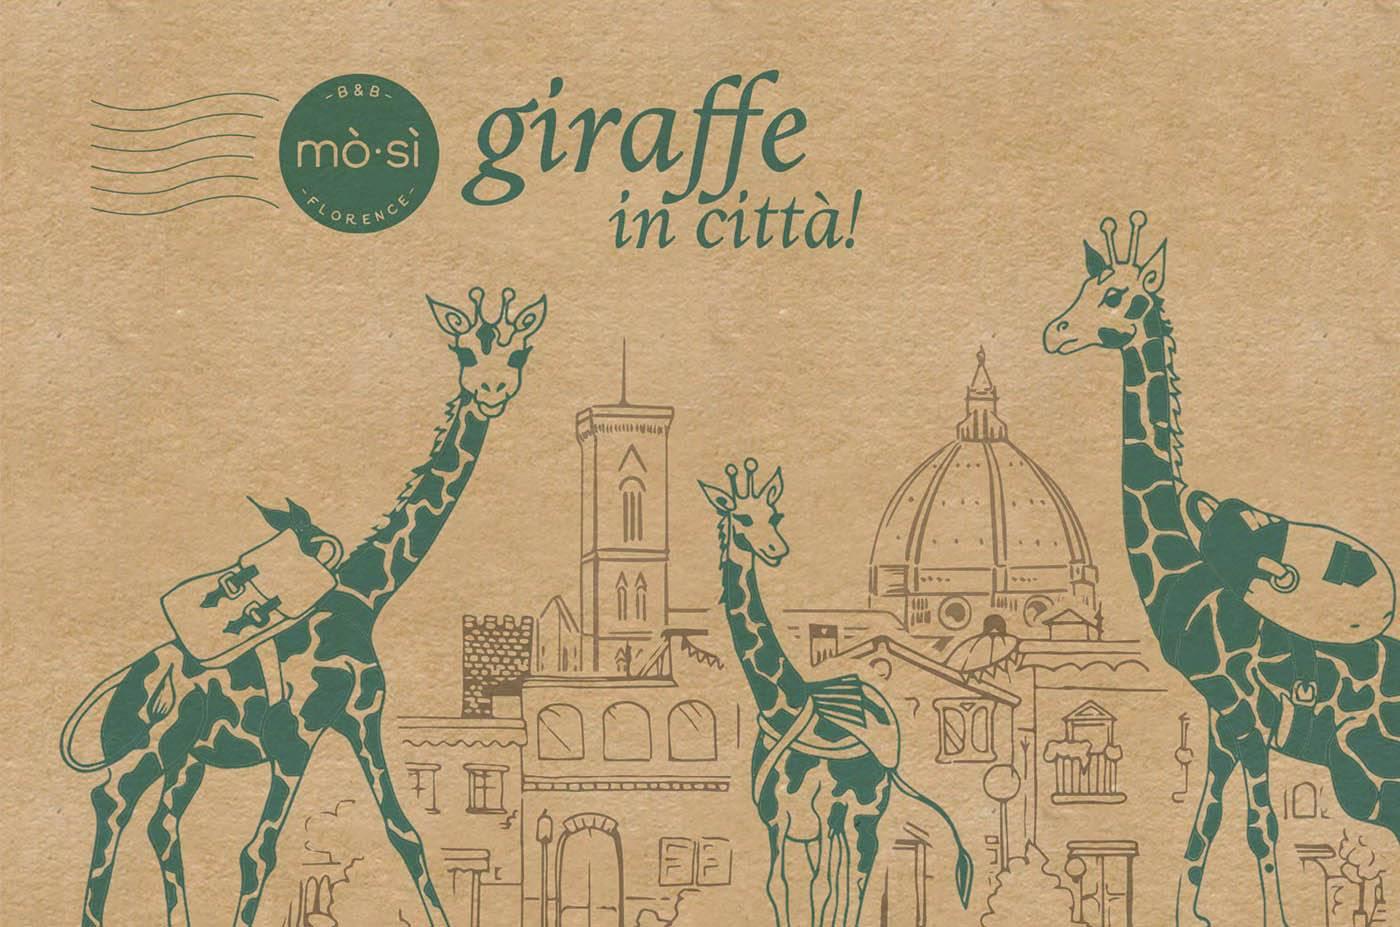 Giraffe in città